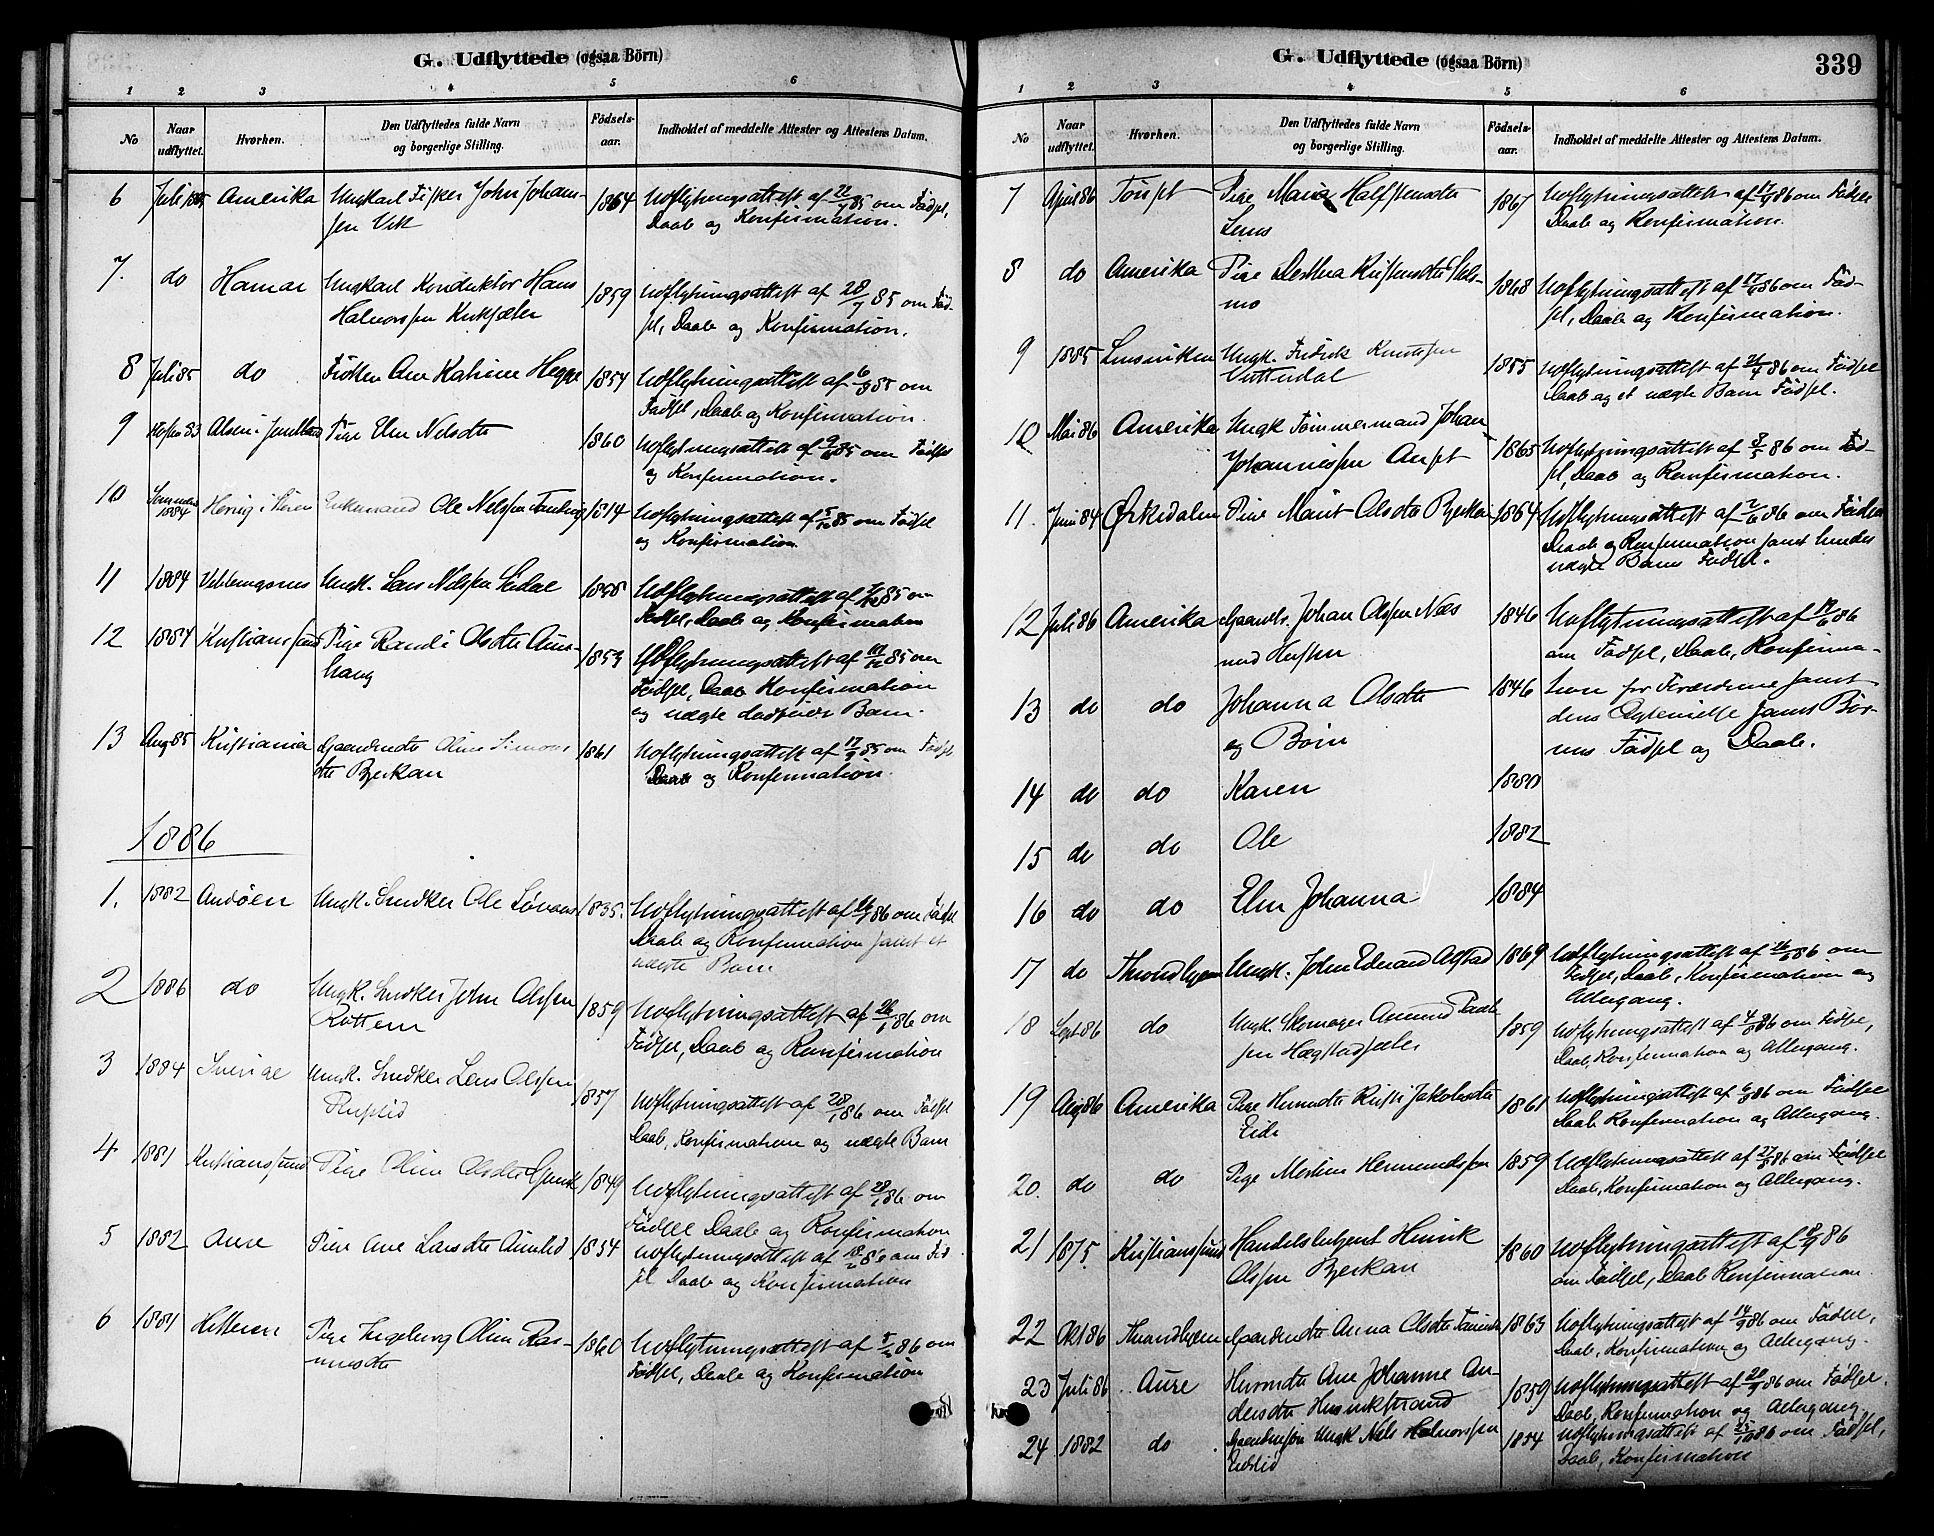 SAT, Ministerialprotokoller, klokkerbøker og fødselsregistre - Sør-Trøndelag, 630/L0496: Ministerialbok nr. 630A09, 1879-1895, s. 339